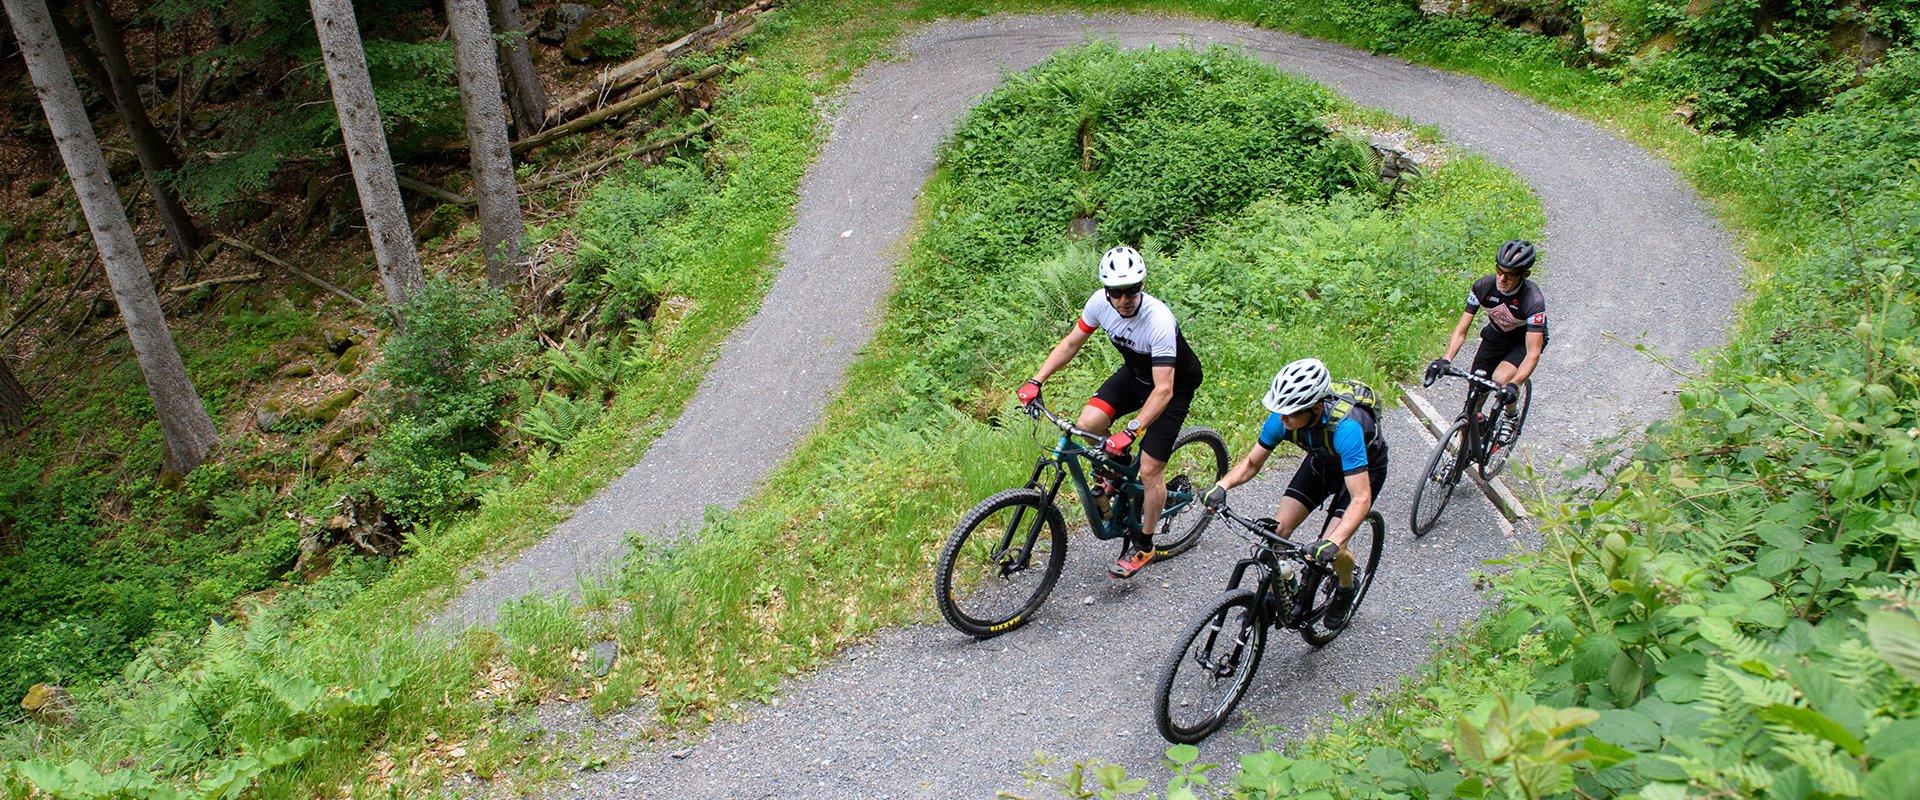 Bike et gravel